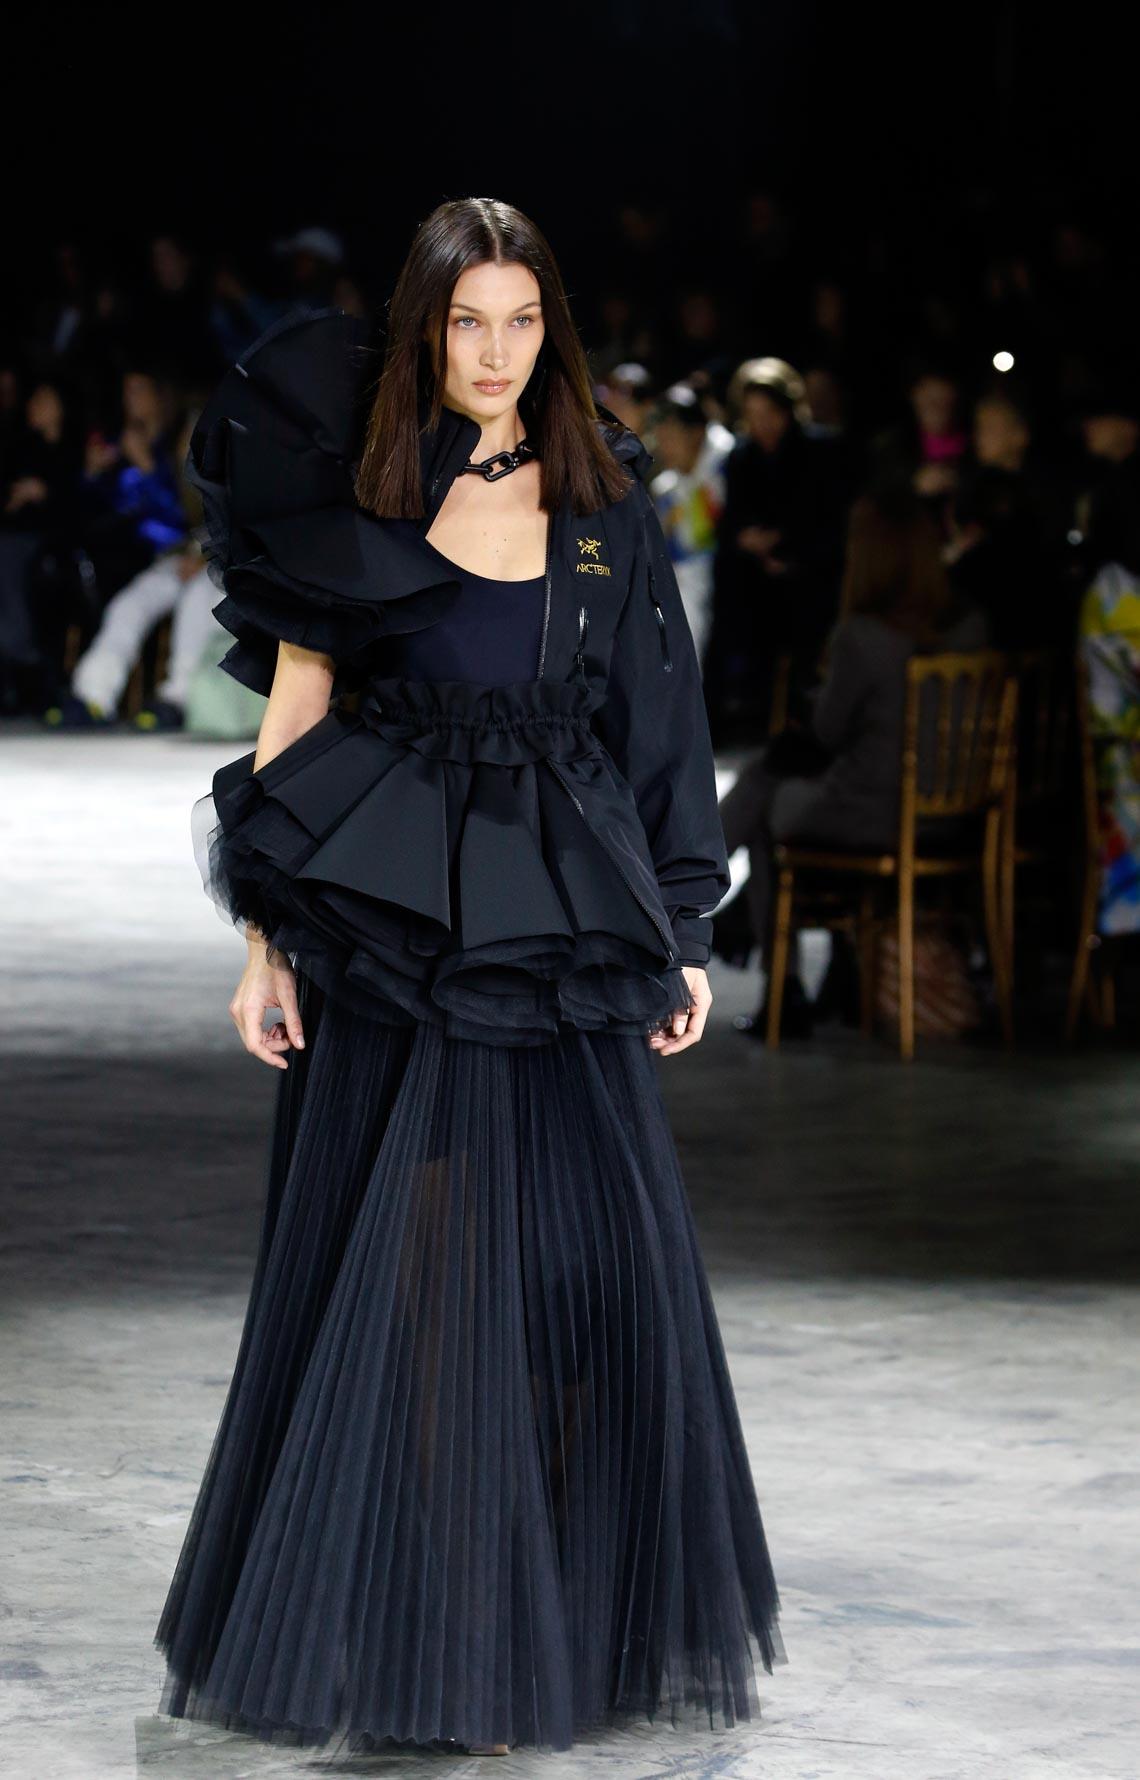 Tuần lễ thời trang Paris 2020 bị ảnh hưởng bởi virus corona -23